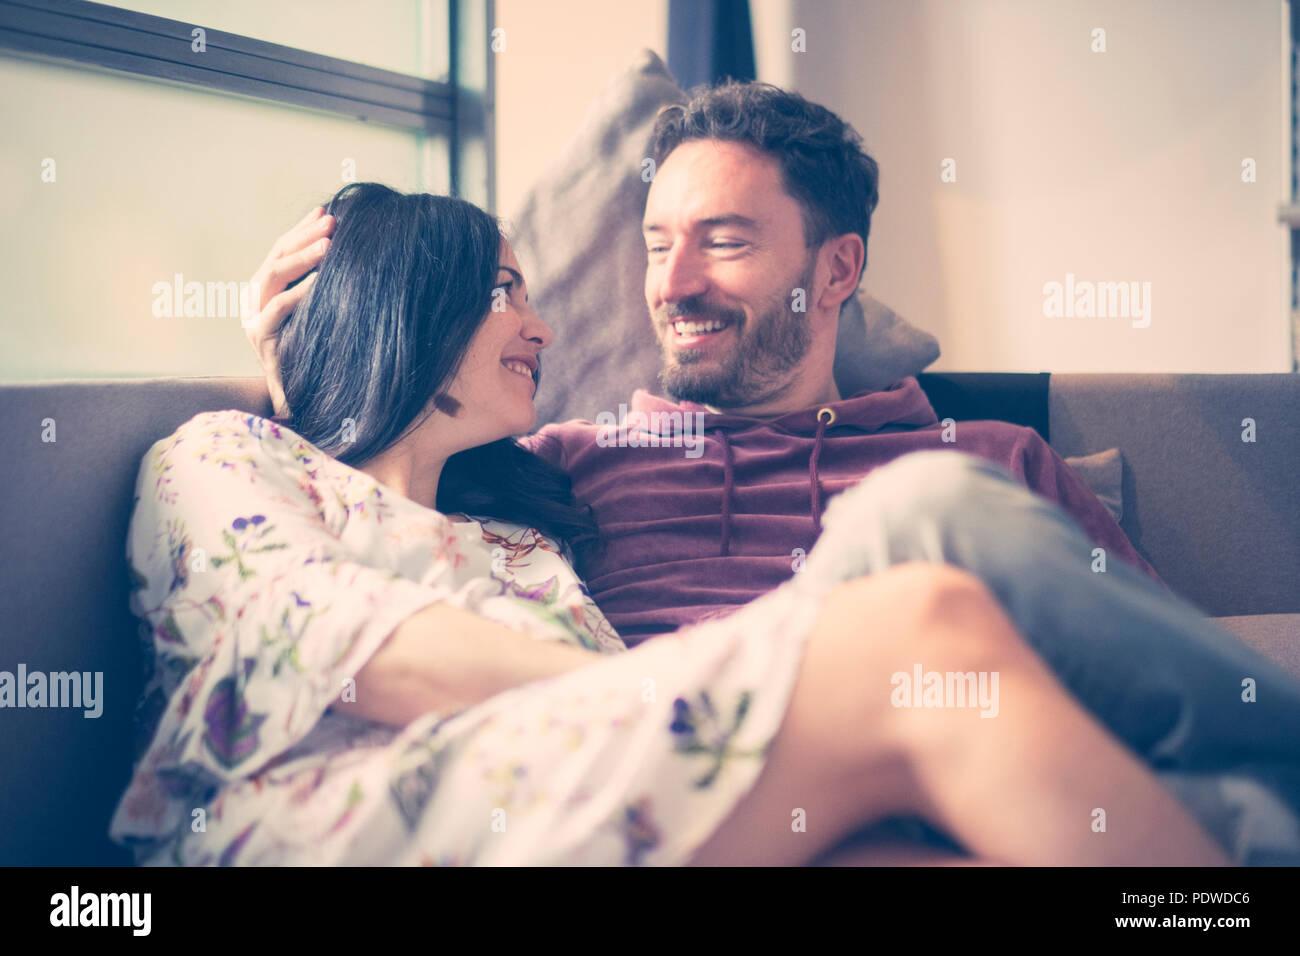 Allegro l uomo e la donna nel Caucaso le attività per il tempo libero a casa sorriso e godersi la vita in attesa di un nuovo bambino per completare la coppia e la famiglia. Felice pers Immagini Stock